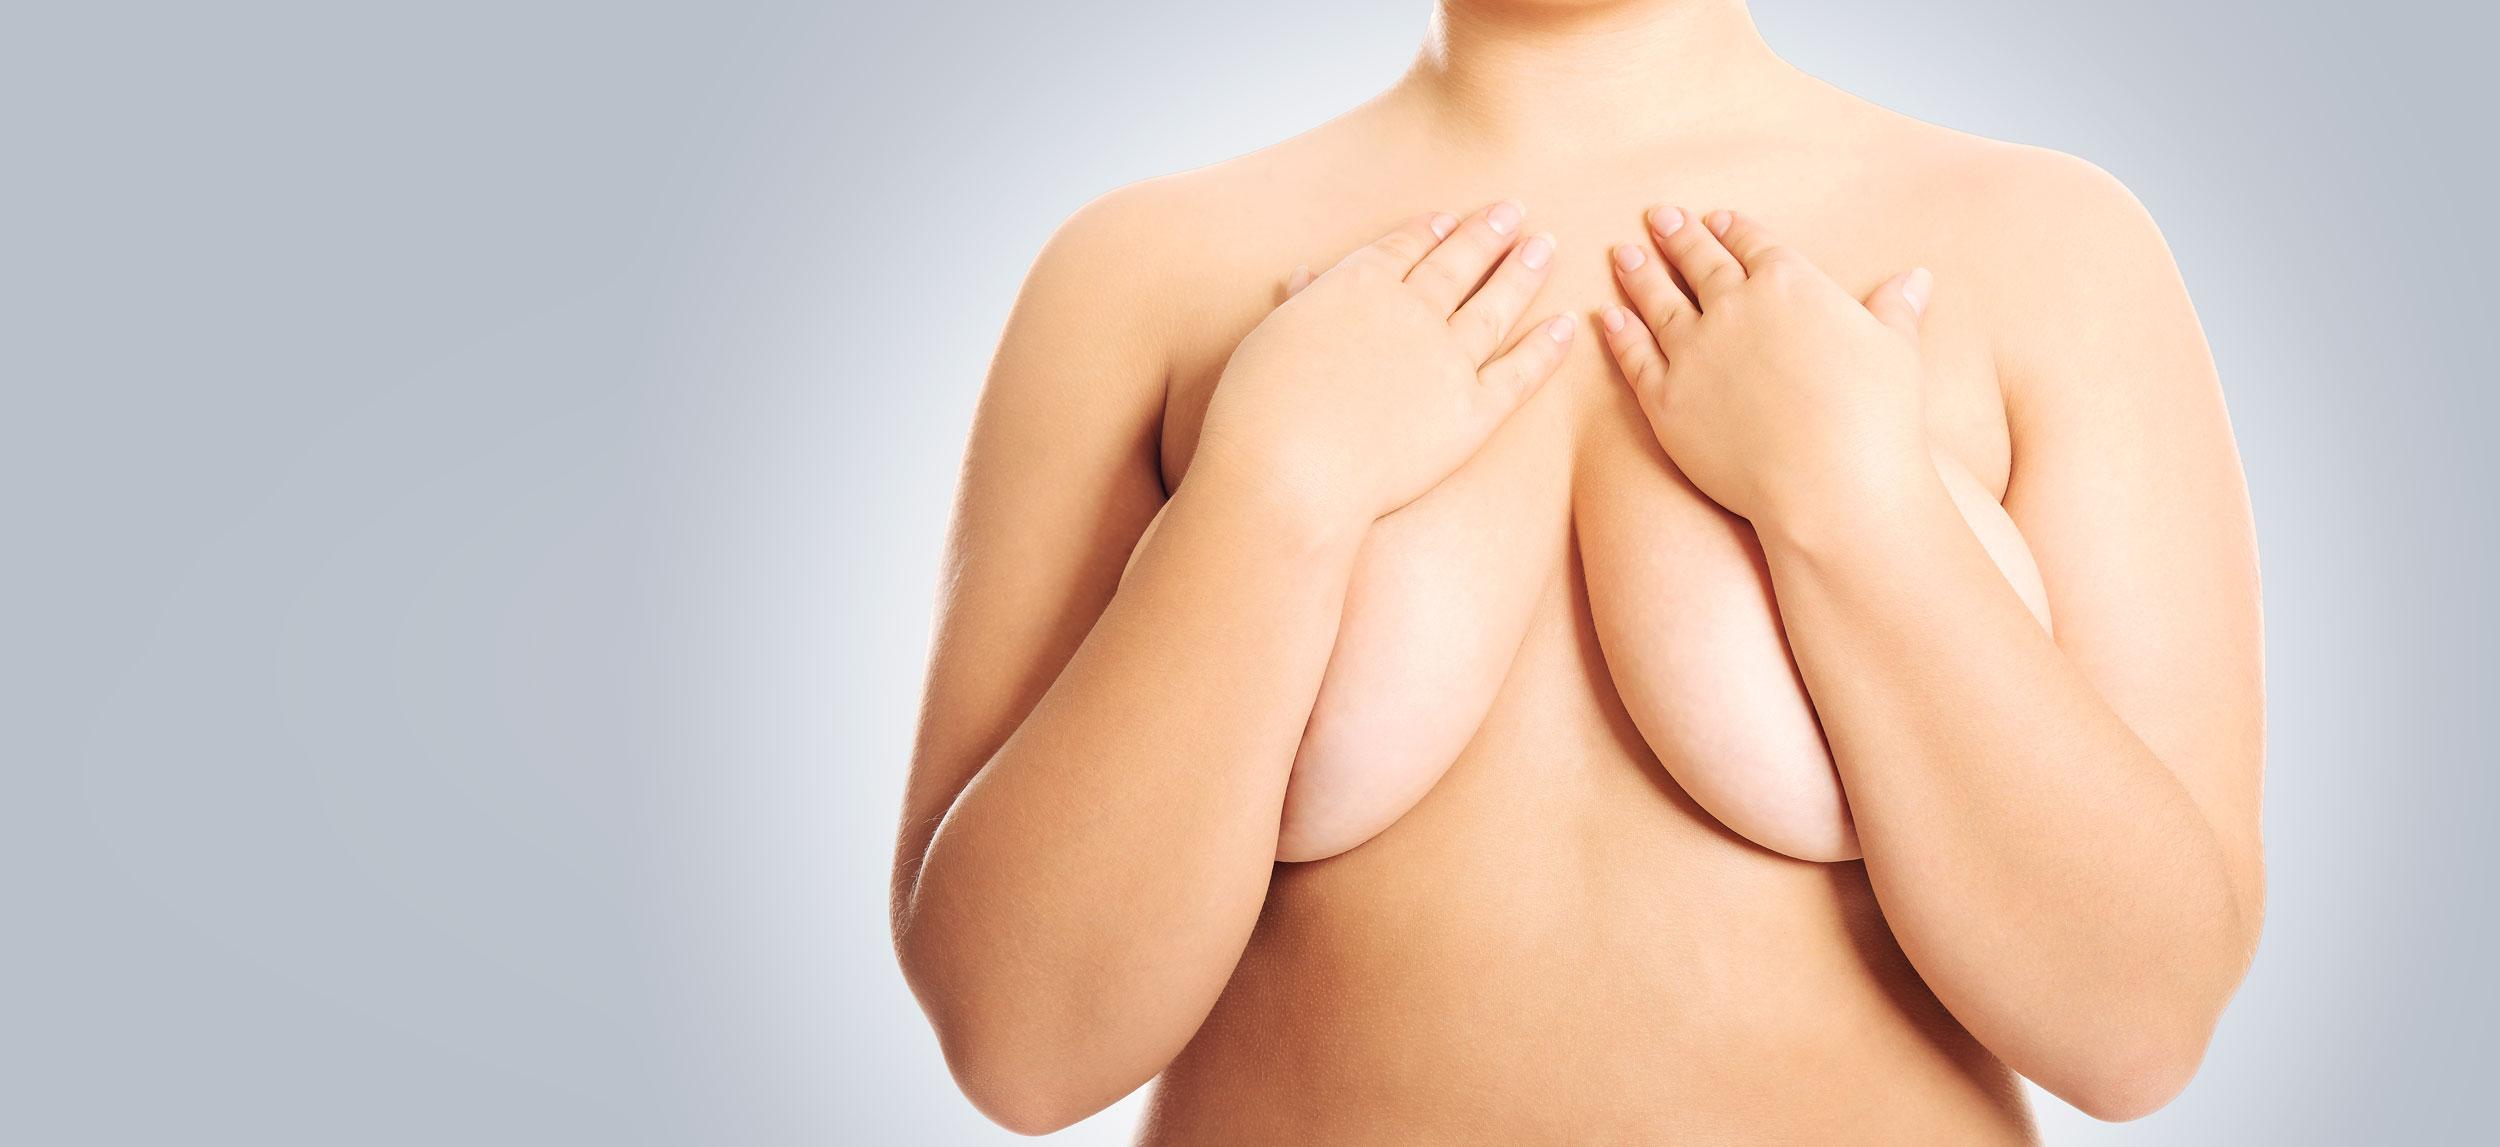 Bröstoperationer med naturligt resultat